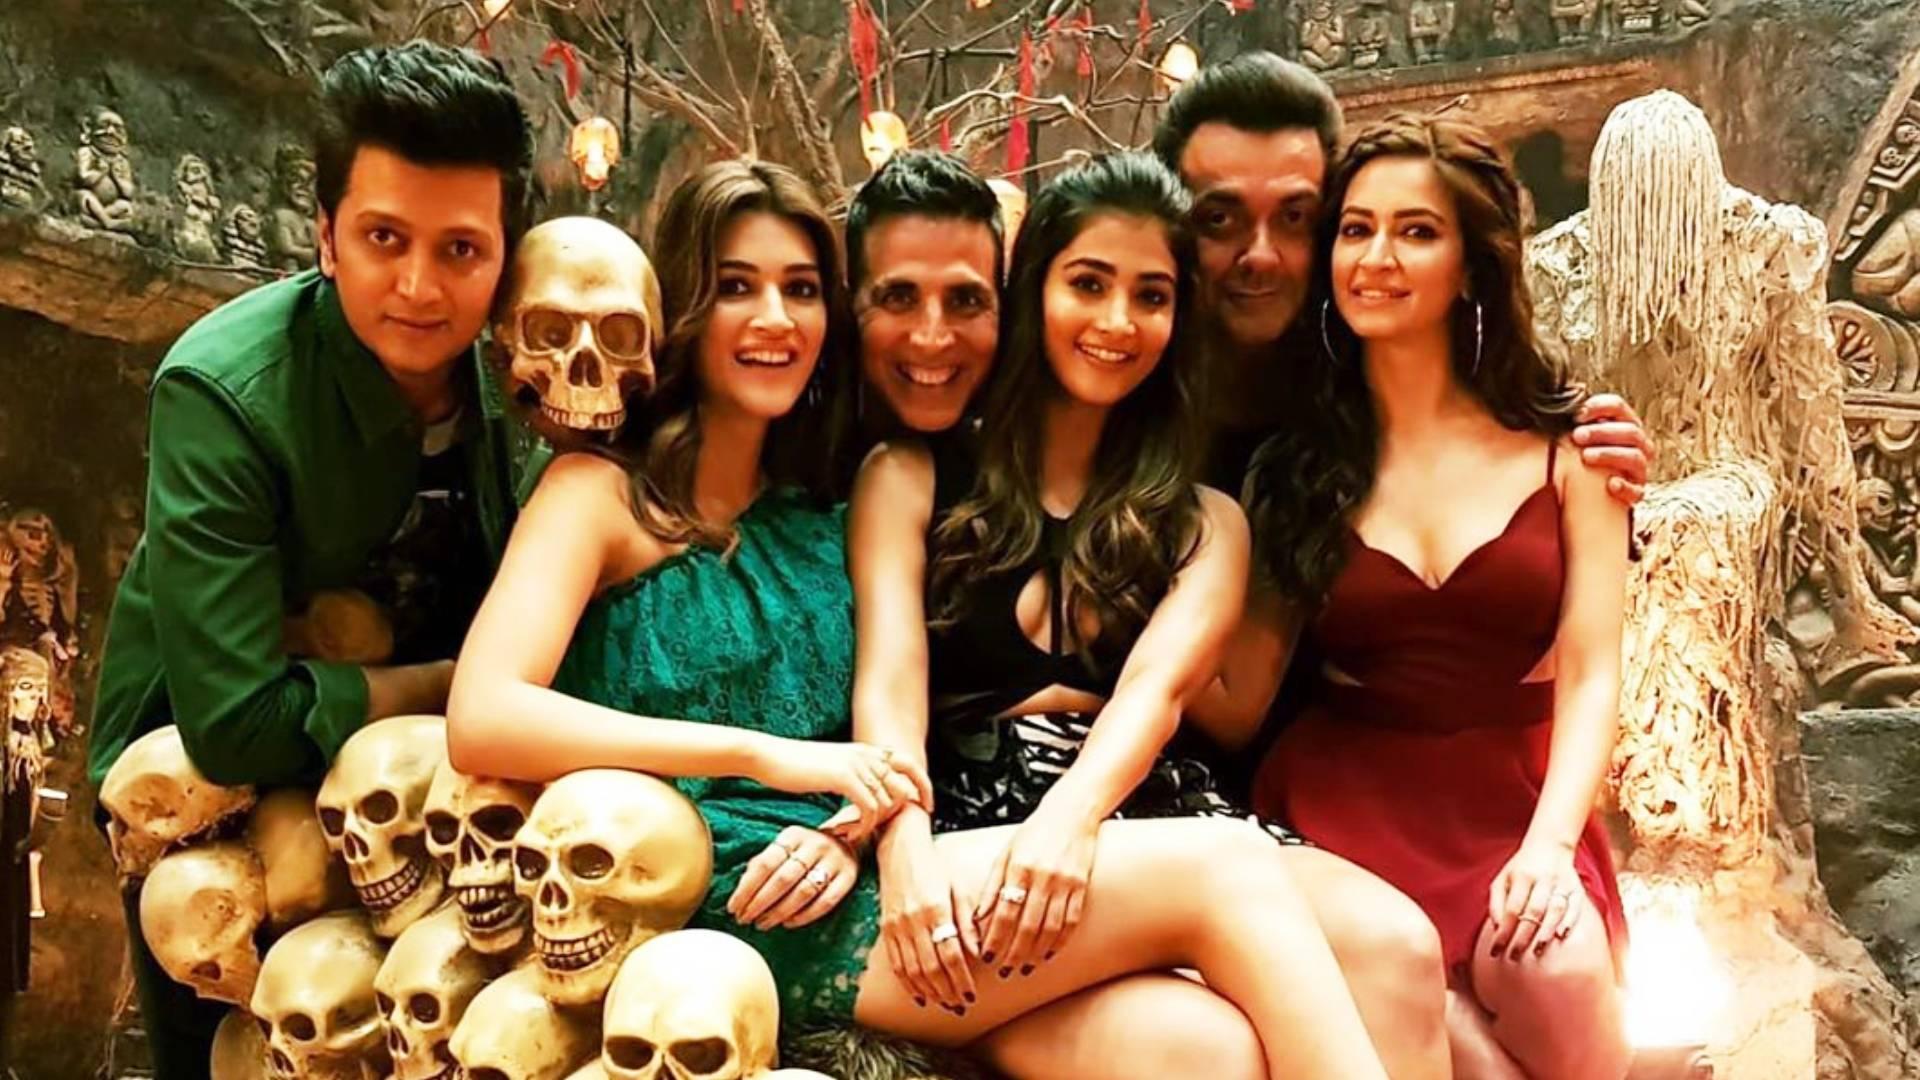 Housefull 4: अक्षय कुमार और राणा दग्गुबाती के बीच होगा जबरदस्त मुकाबला, पहली बार इस किरदार में दोनों आएंगे नजर